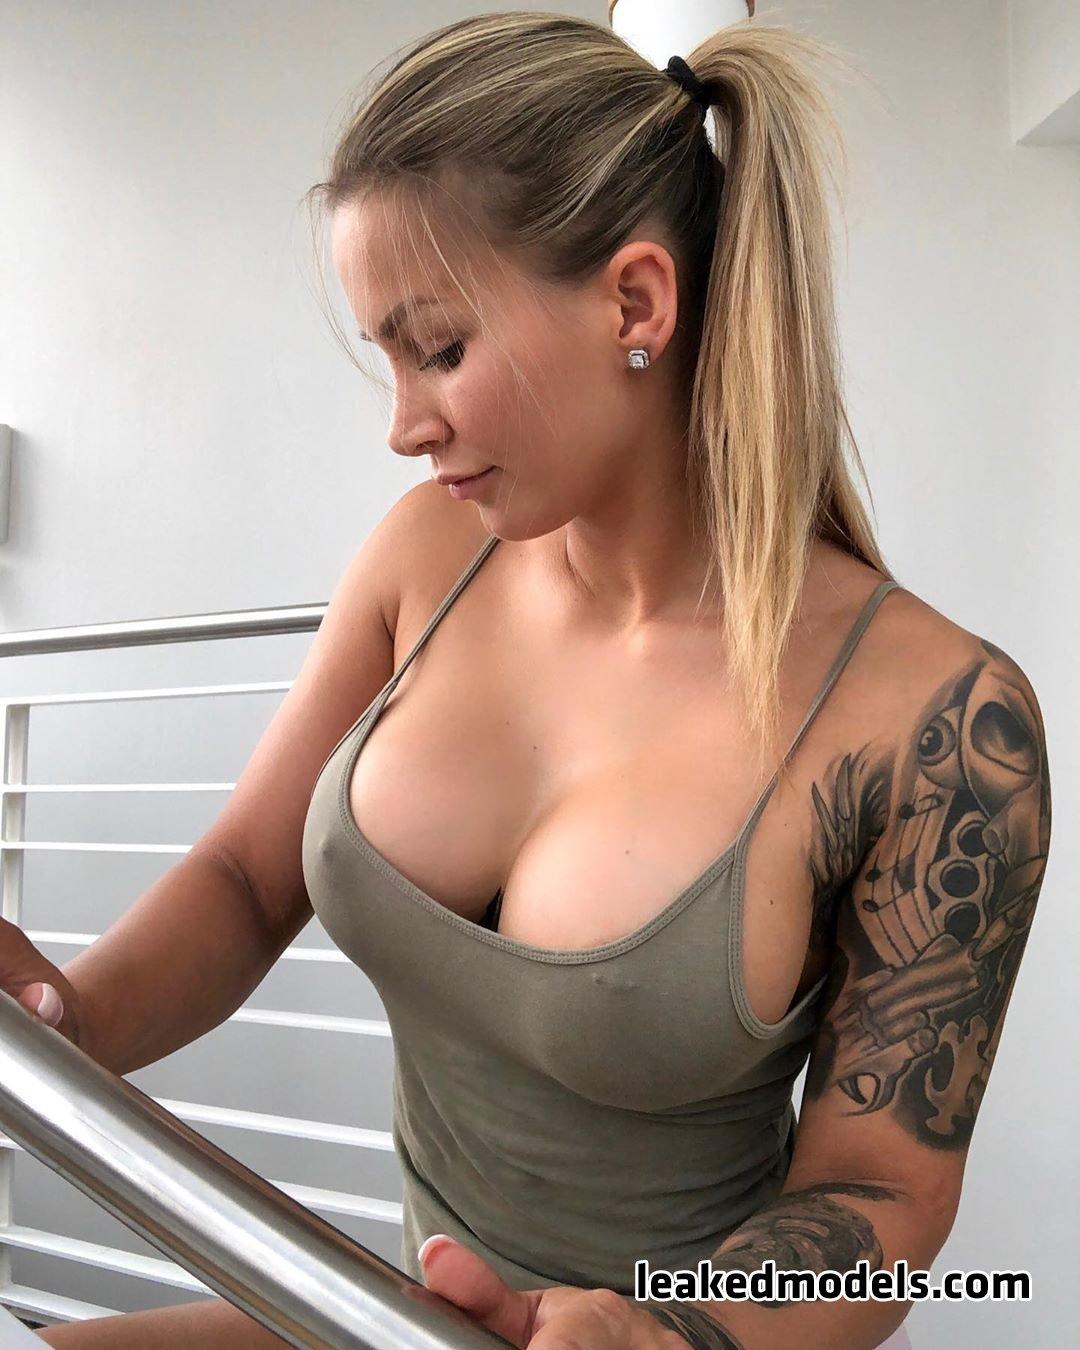 Jill Hardener – jill OnlyFans Sexy Leaks (33 Photos)